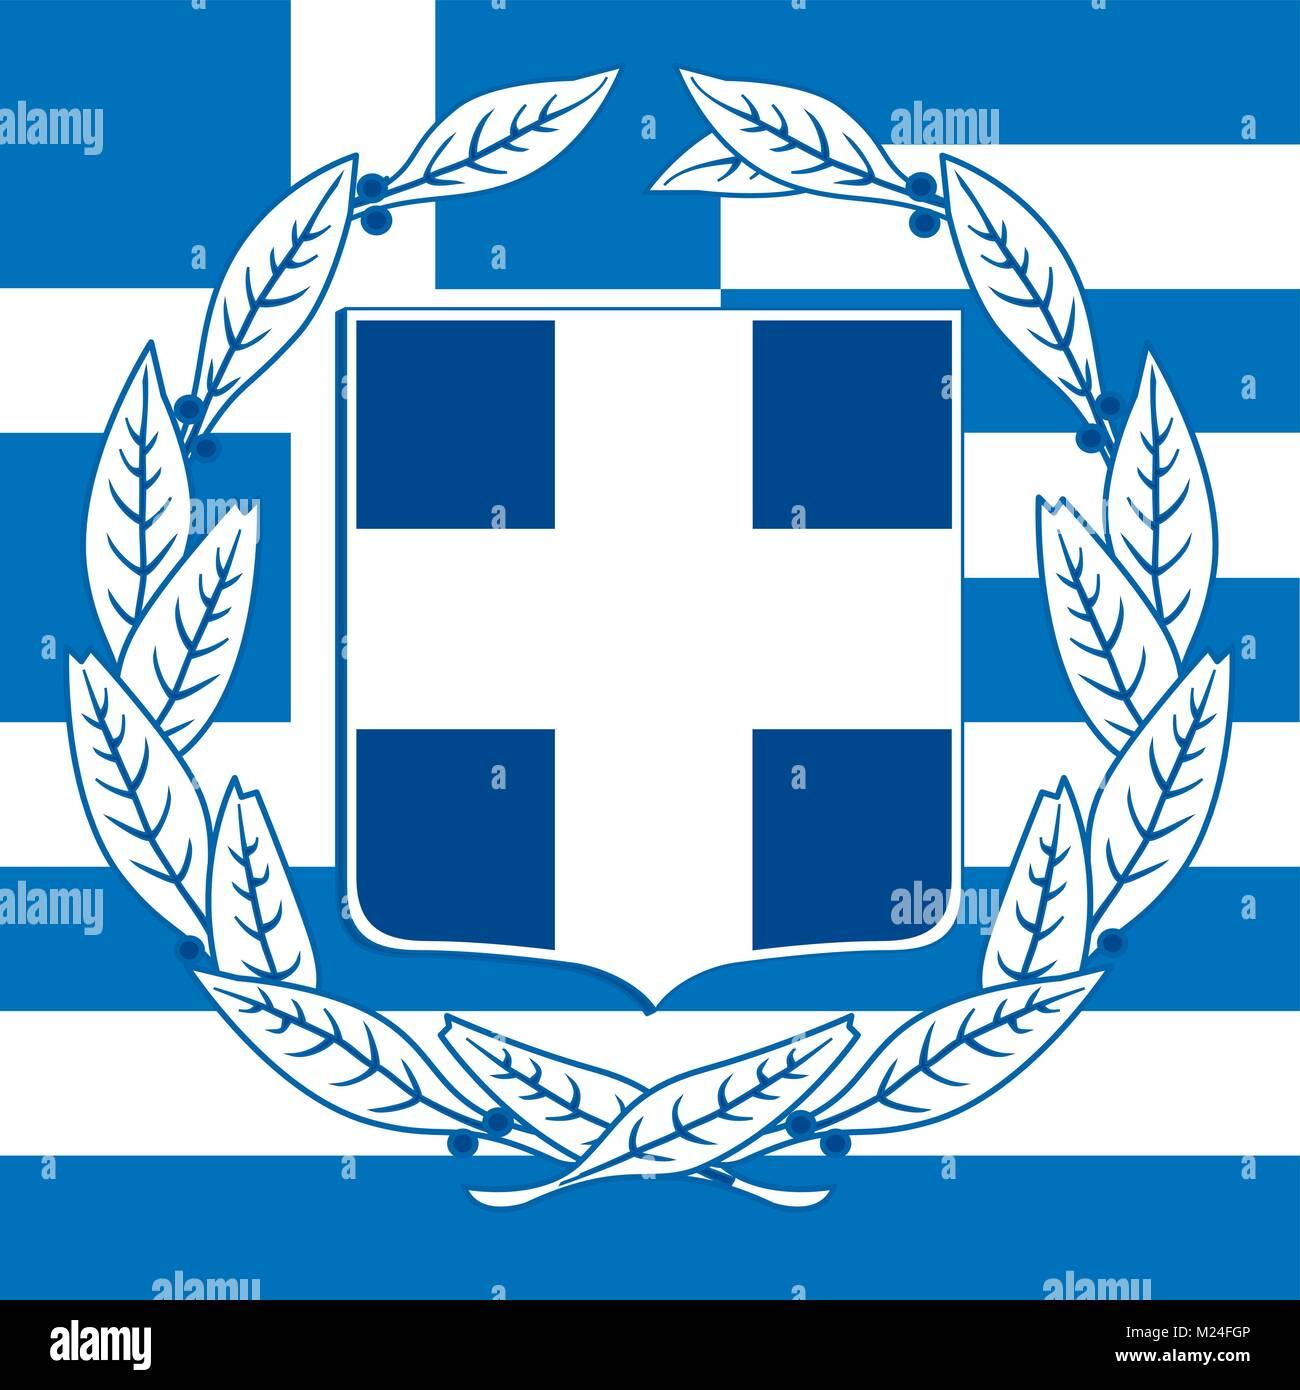 Flag Greece Olympic Symbol Stock Photos Flag Greece Olympic Symbol